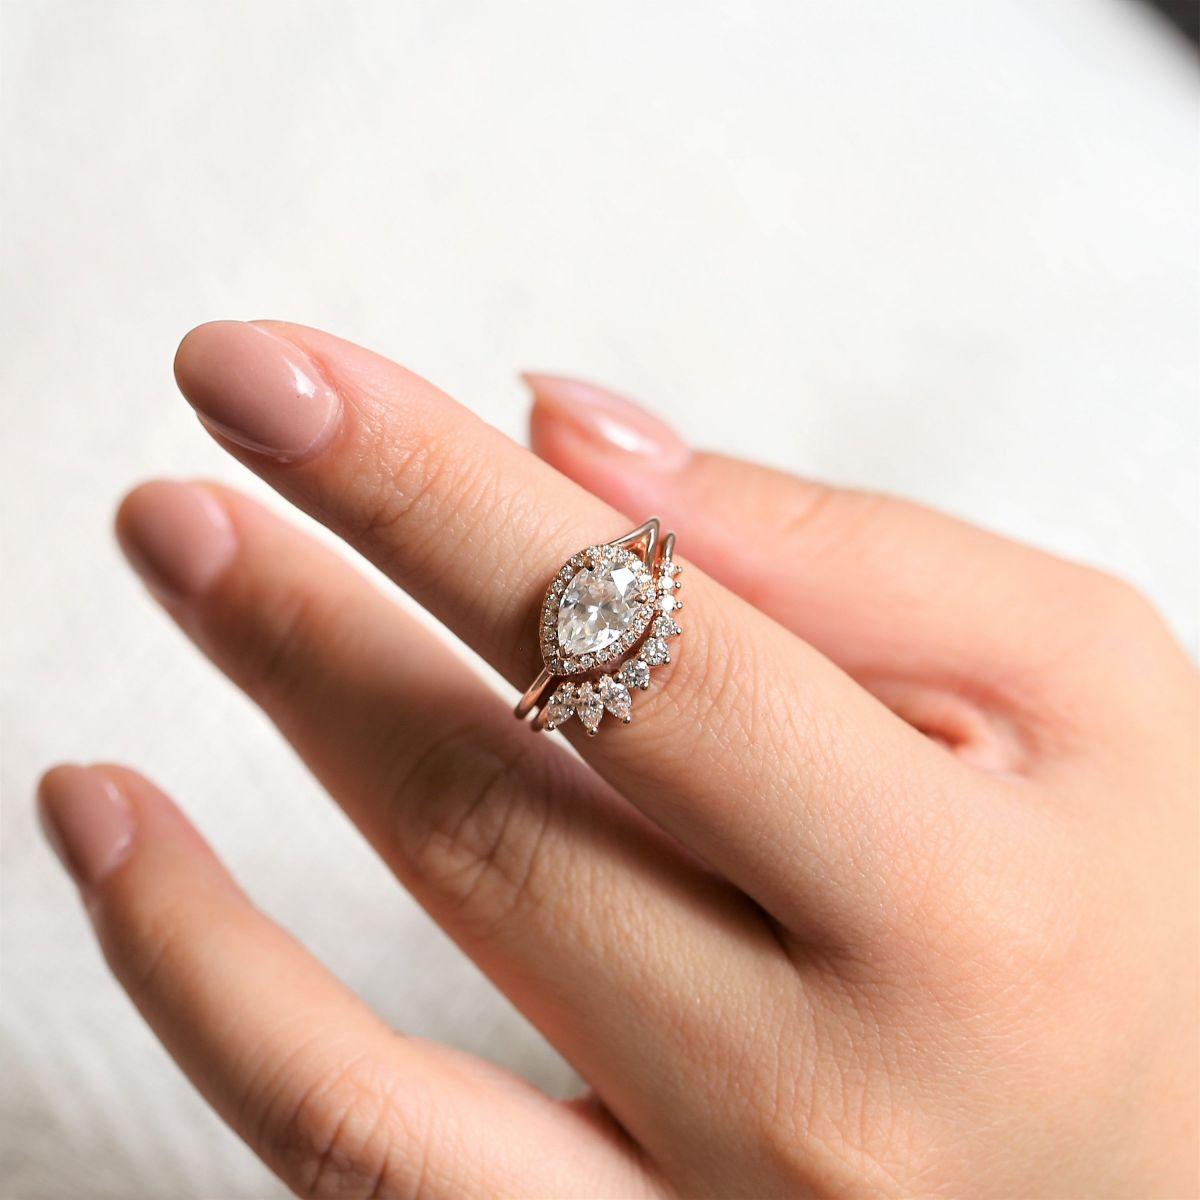 https://www.loveandpromisejewelers.com/media/catalog/product/cache/1b8ff75e92e9e3eb7d814fc024f6d8df/h/t/httpsi.etsystatic.com6659792ril3c004b2123659257ilfullxfull.2123659257f5d1.jpg